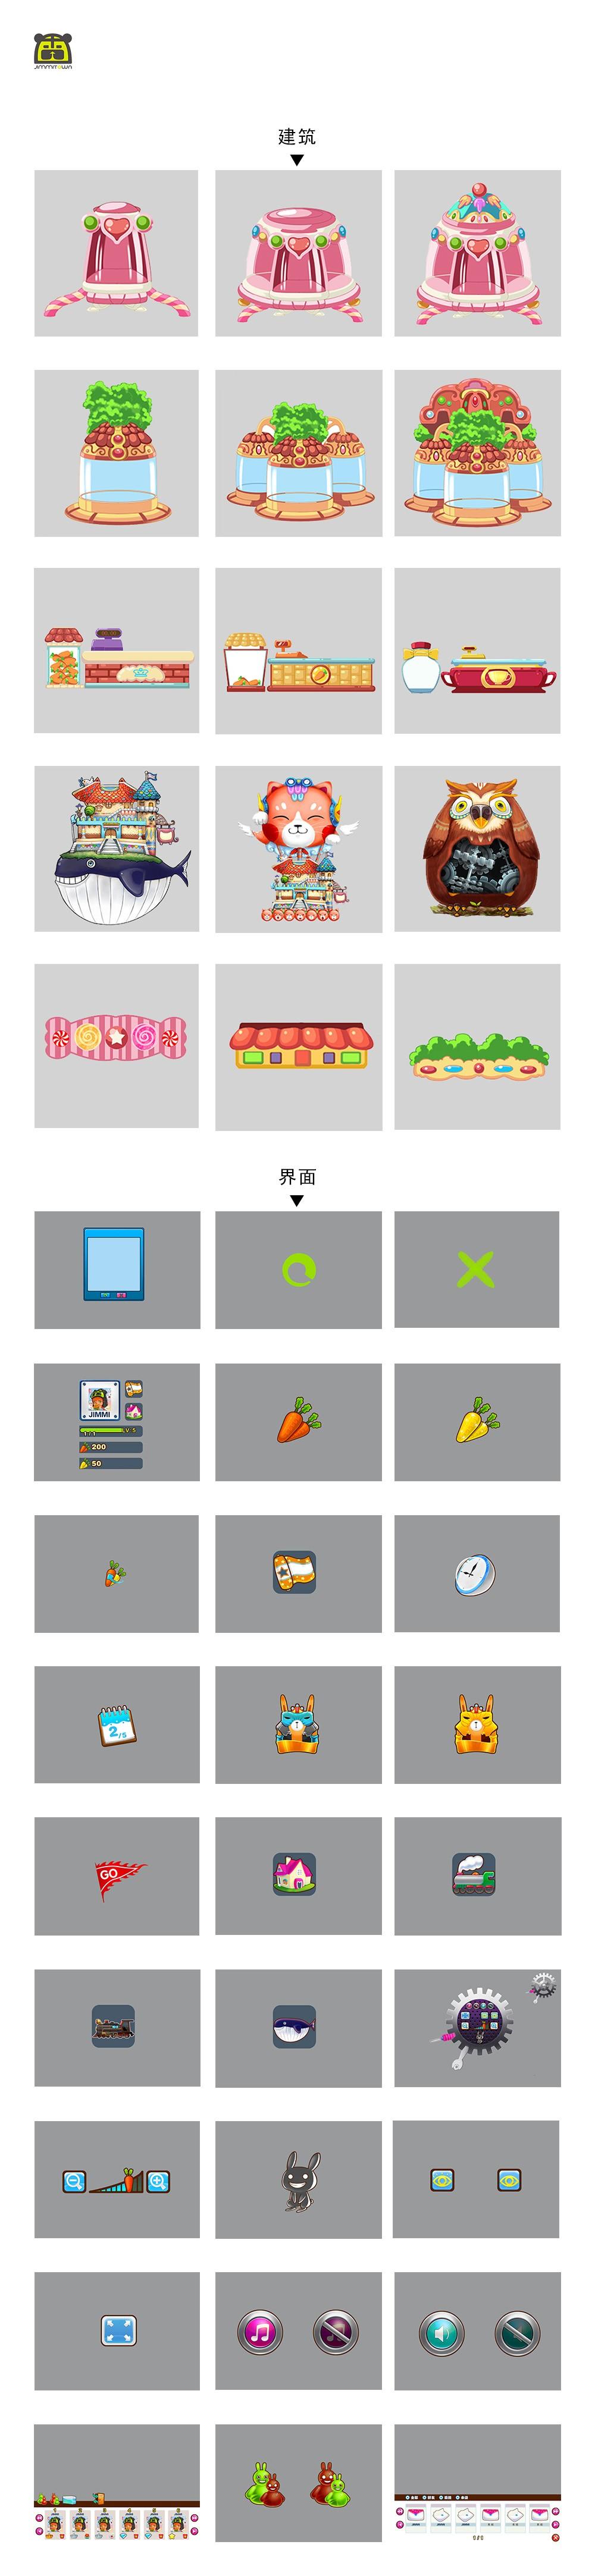 1、客户:深圳木森网络有限公司 2、制作工期:2011 3、